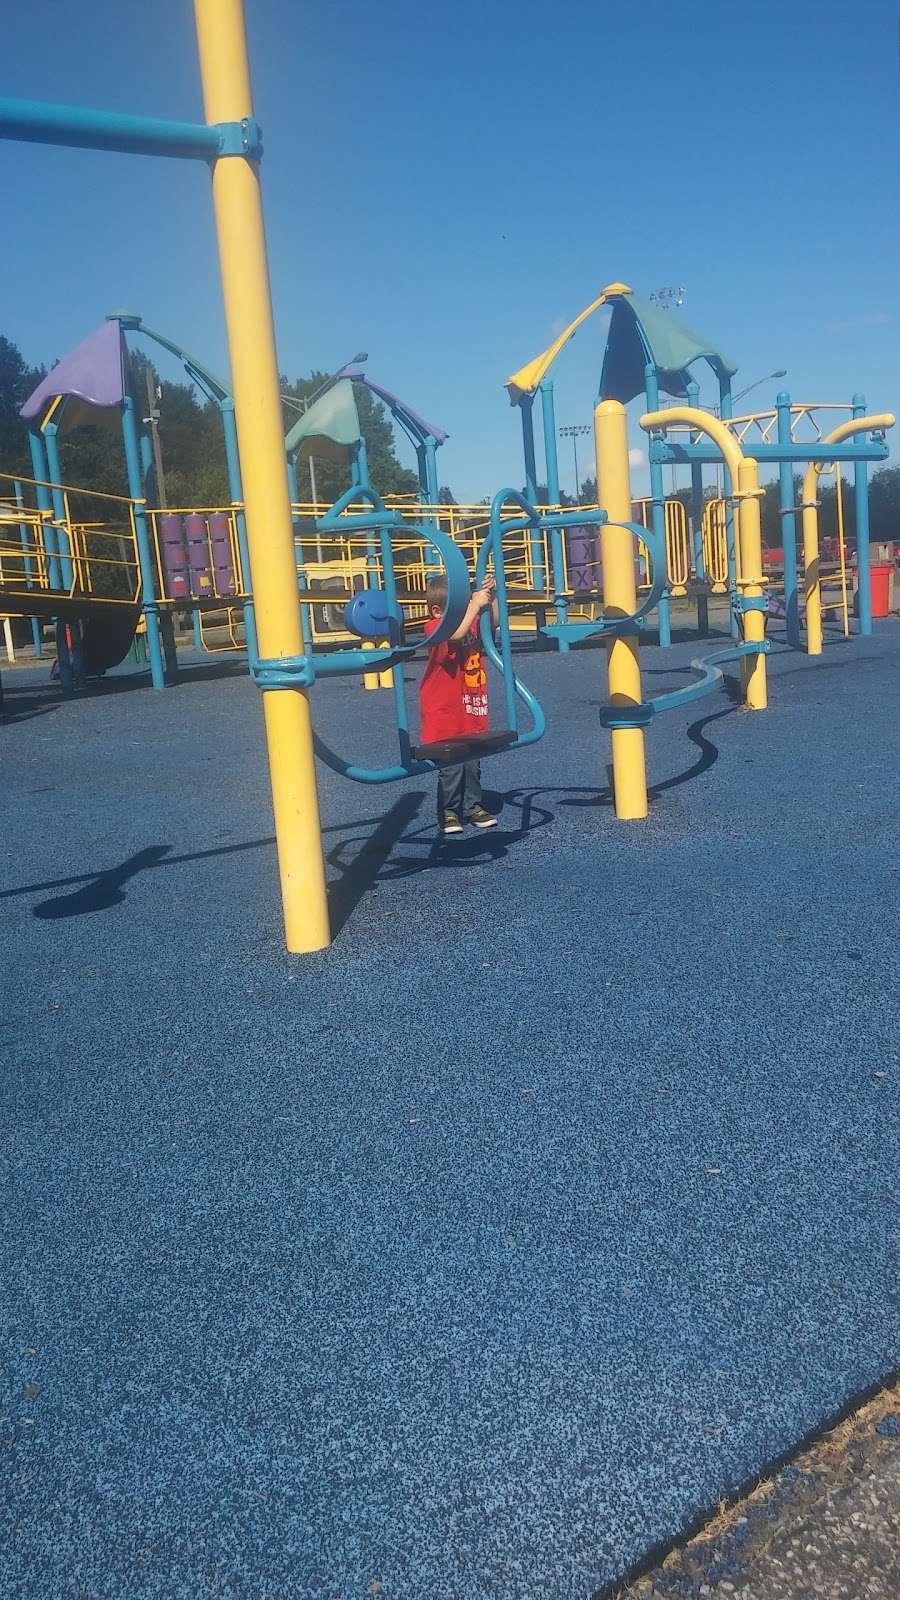 Carneys Point Recreational Park - park  | Photo 8 of 10 | Address: 229 Penns Grove Auburn Rd, Pedricktown, NJ 08067, USA | Phone: (609) 254-0000